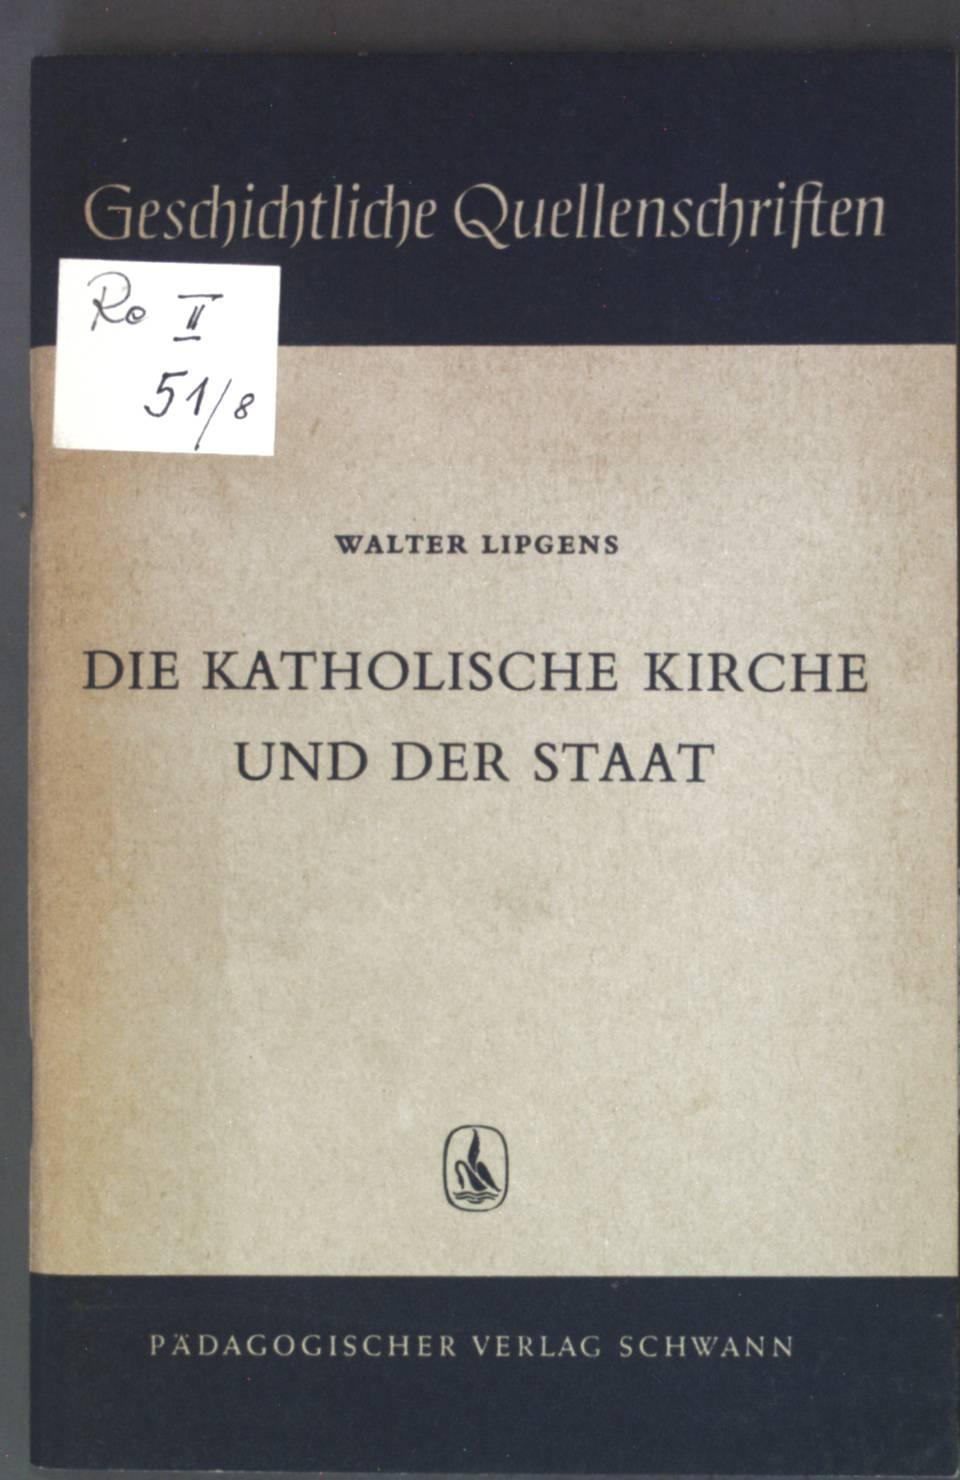 Die katholische Kirche und der Staat; Geschichtliche: Lipgens, Walter: